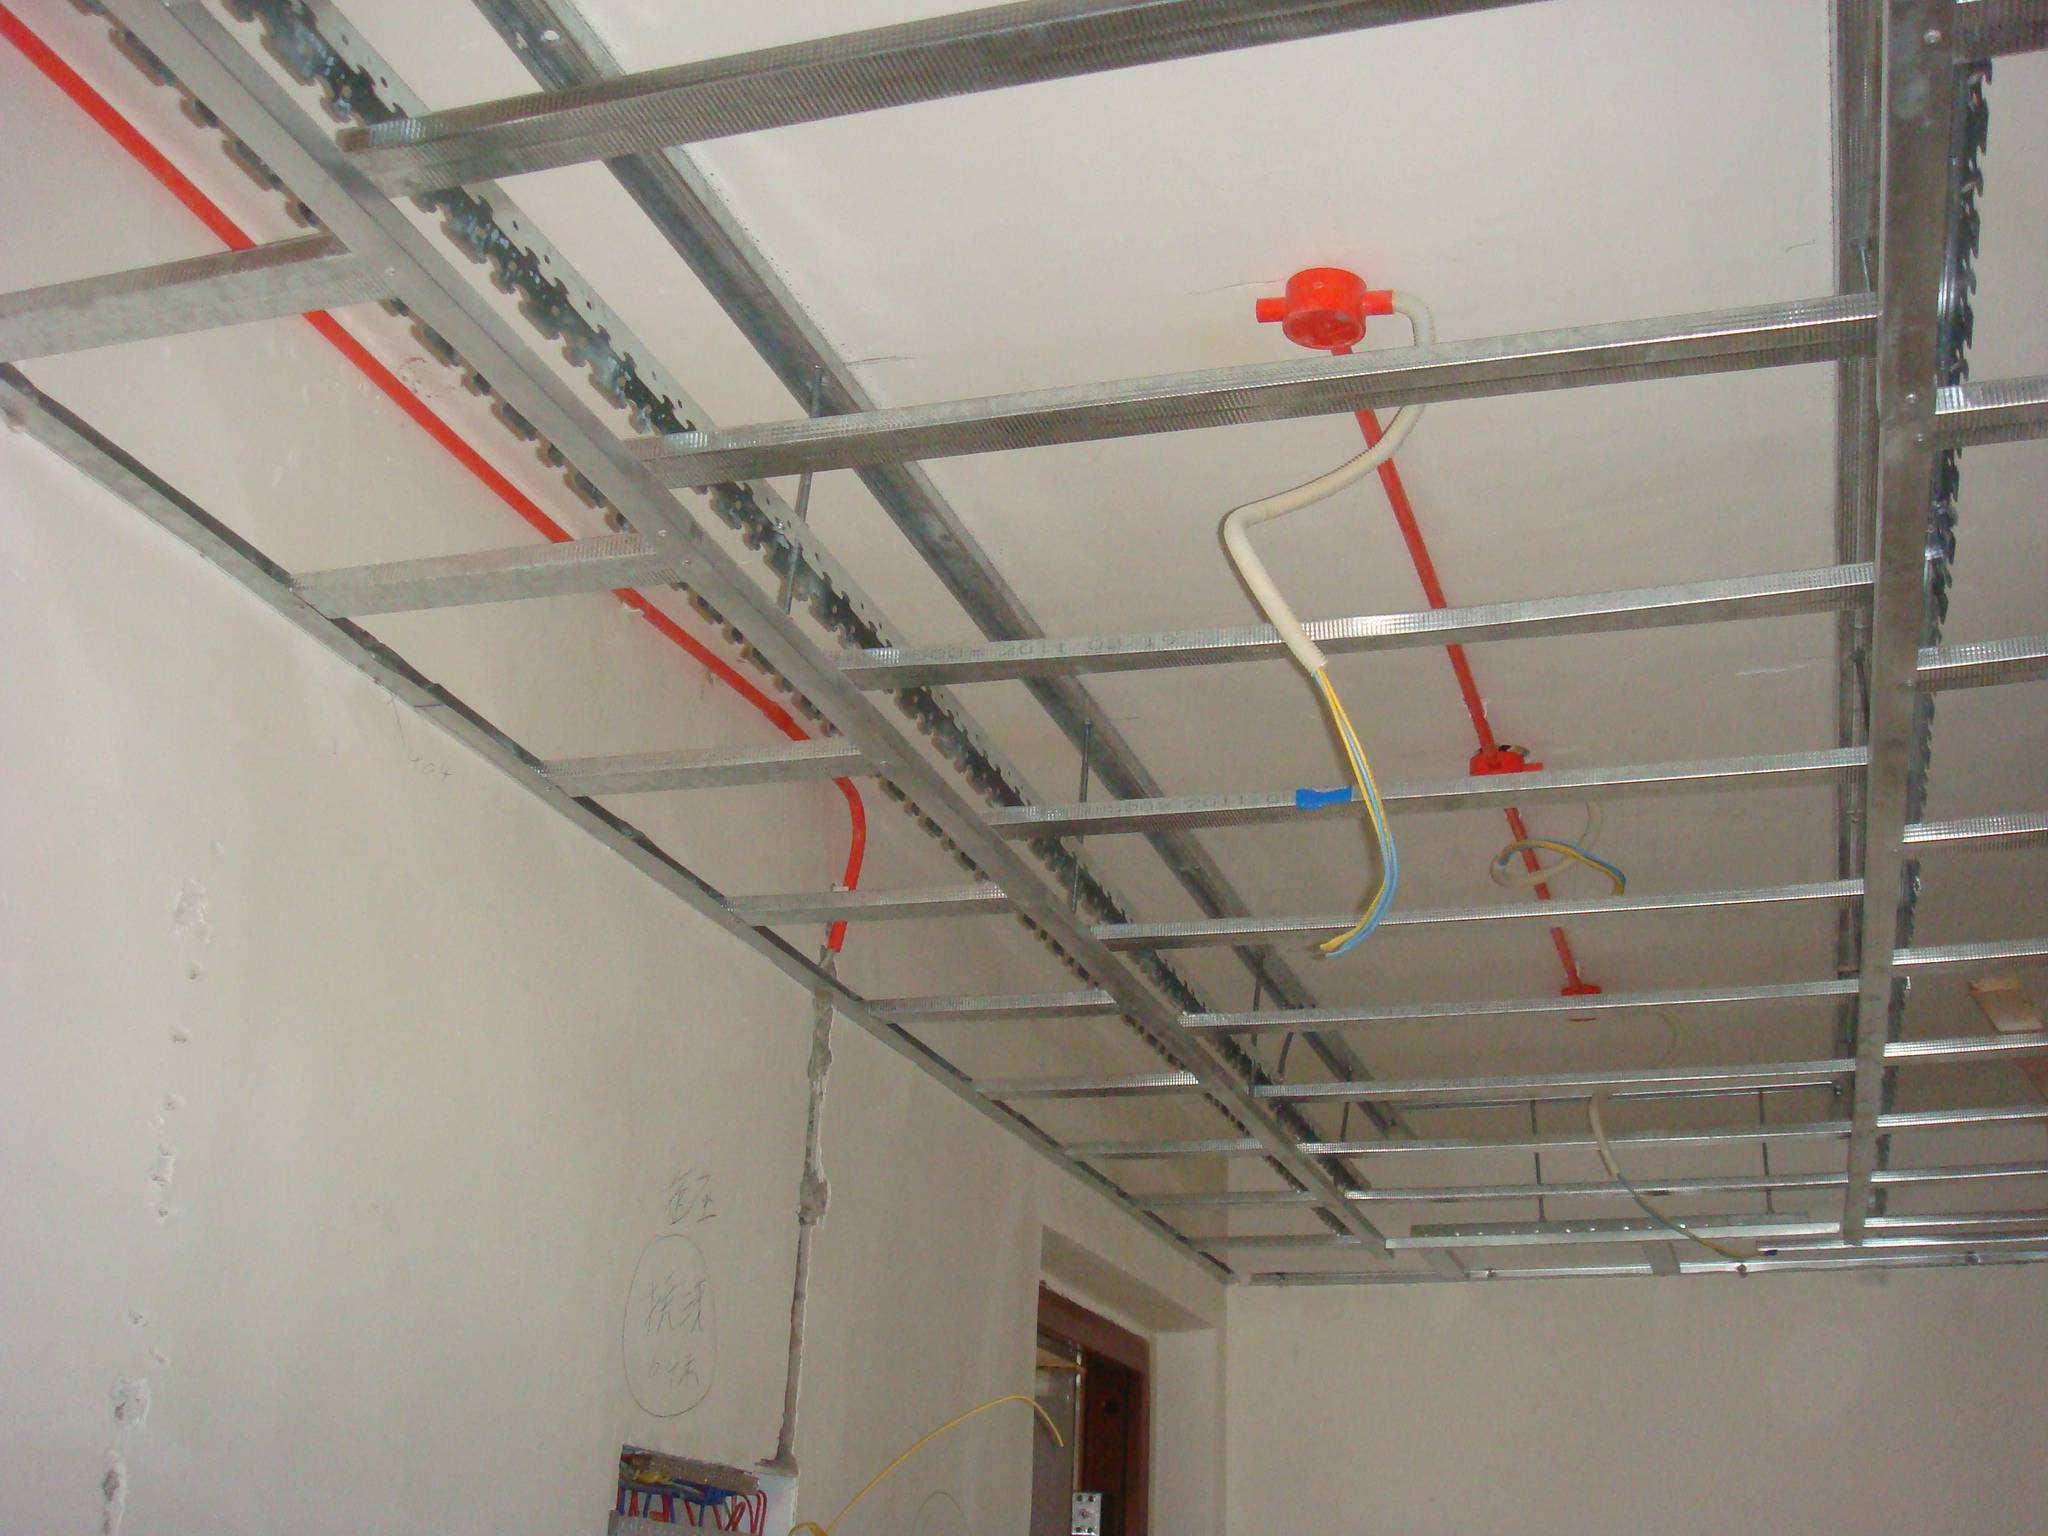 苏州高新区水电维修-水电安装-改造水管电路高清图片